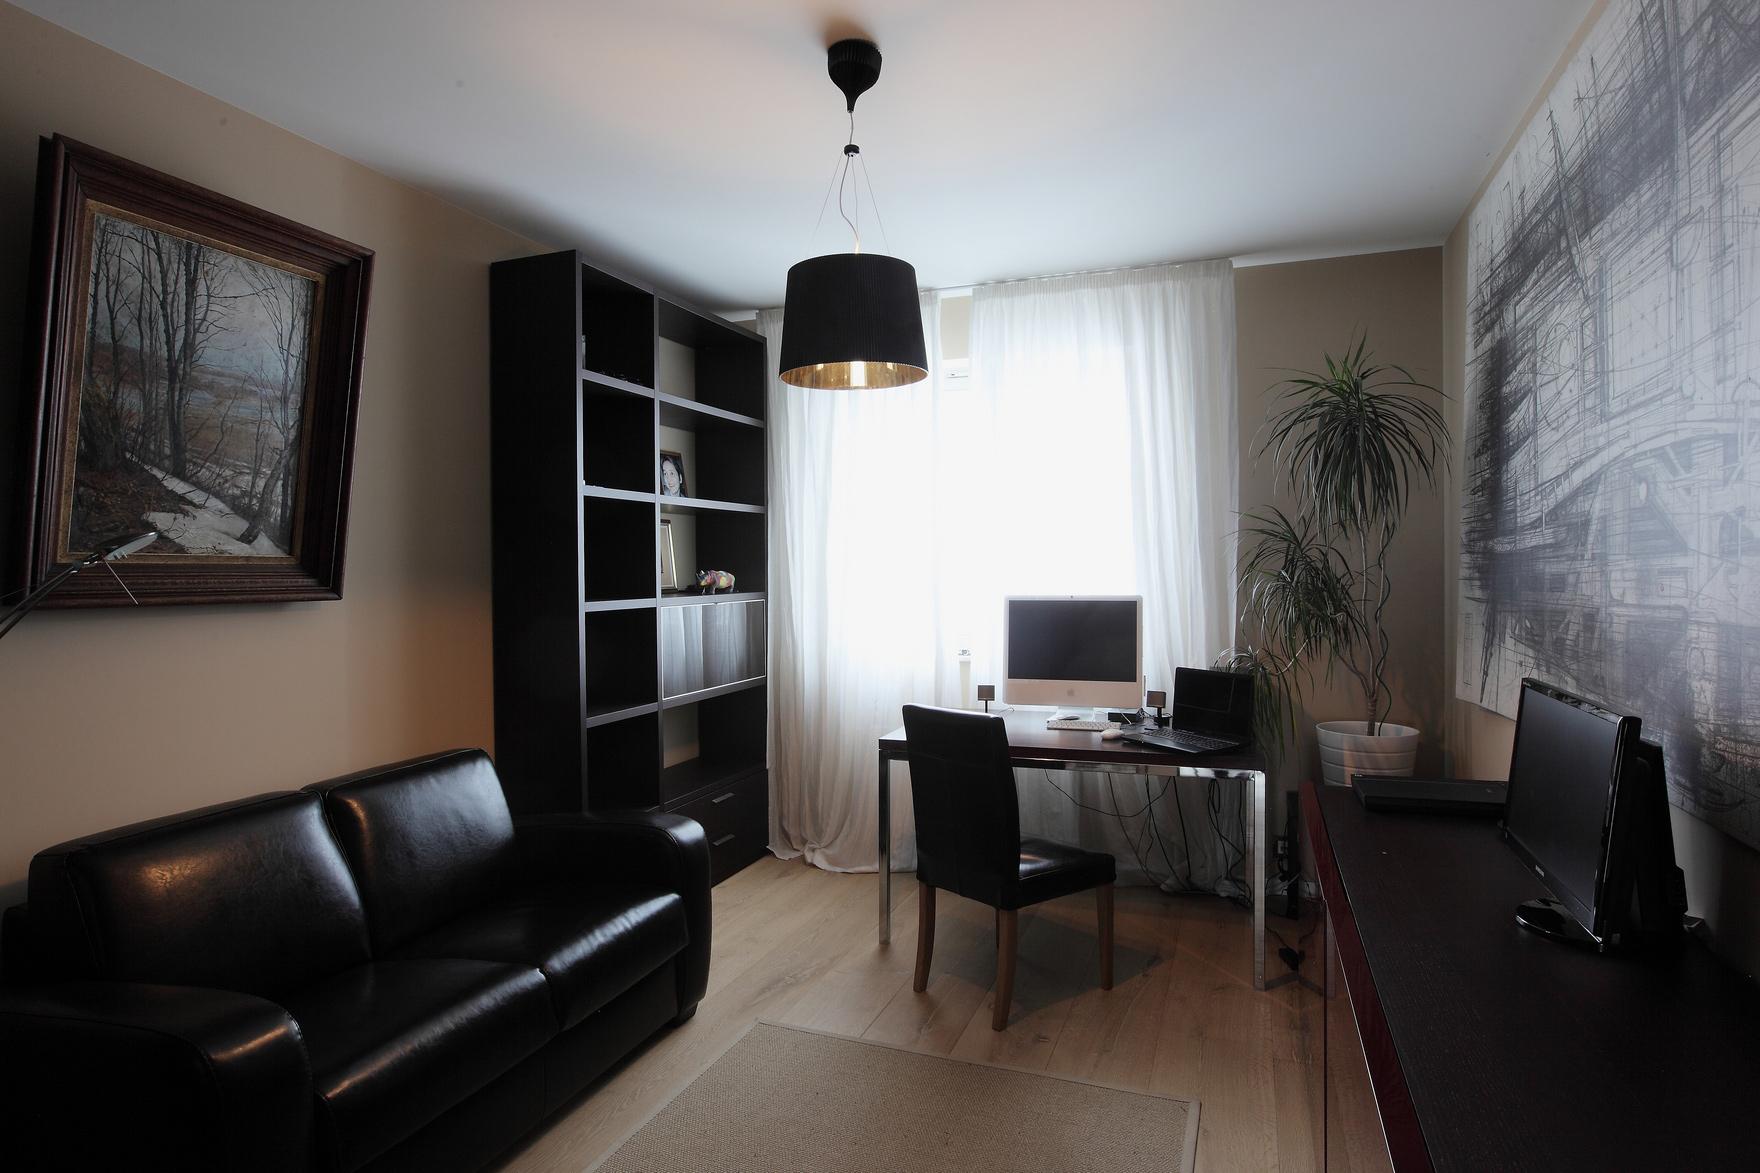 Квартира «Квартира в Москве», кабинет, фото из проекта